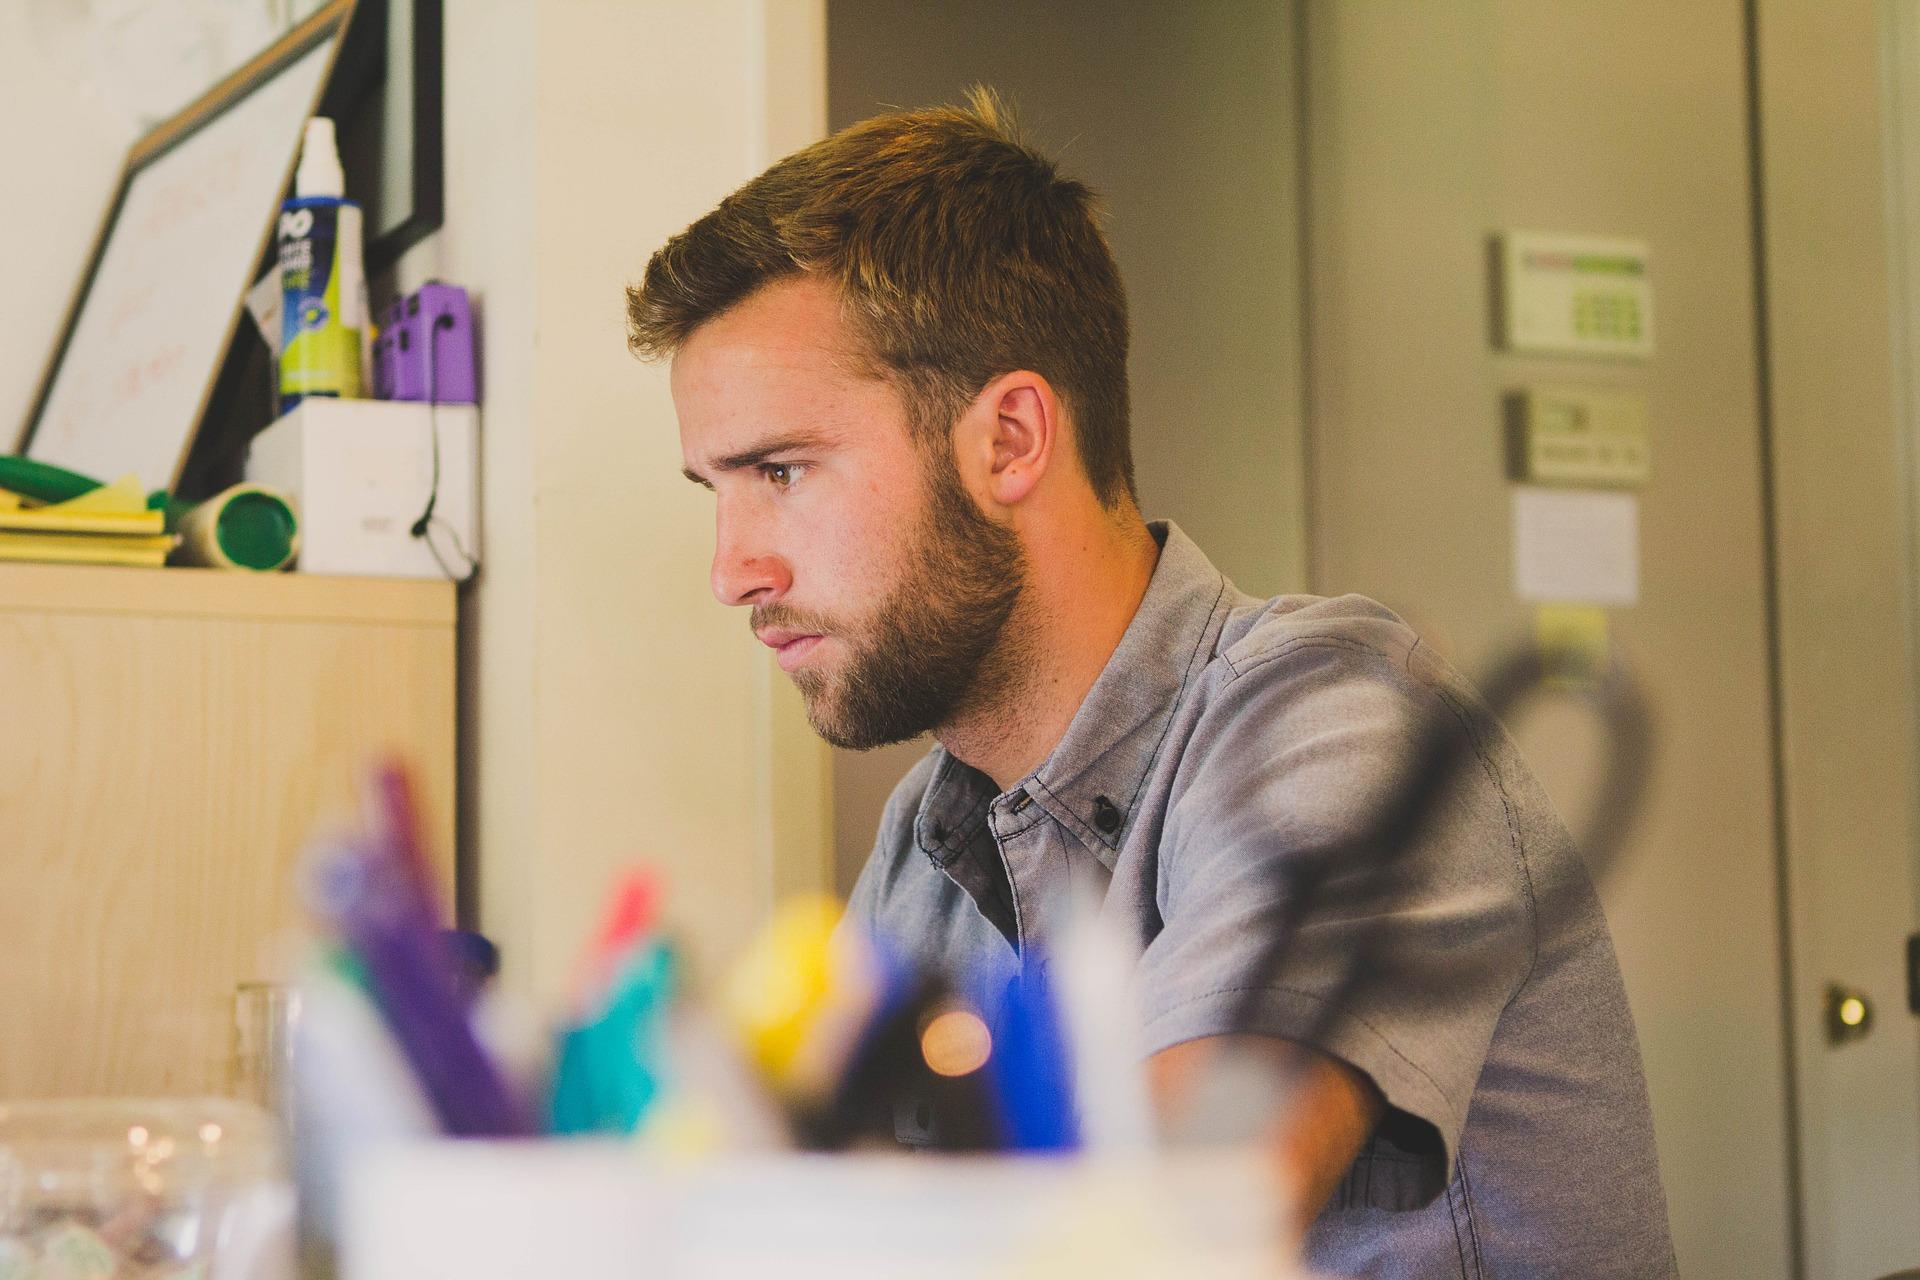 Popularne, ale nie zawsze prawdziwe rady dla freelancerów